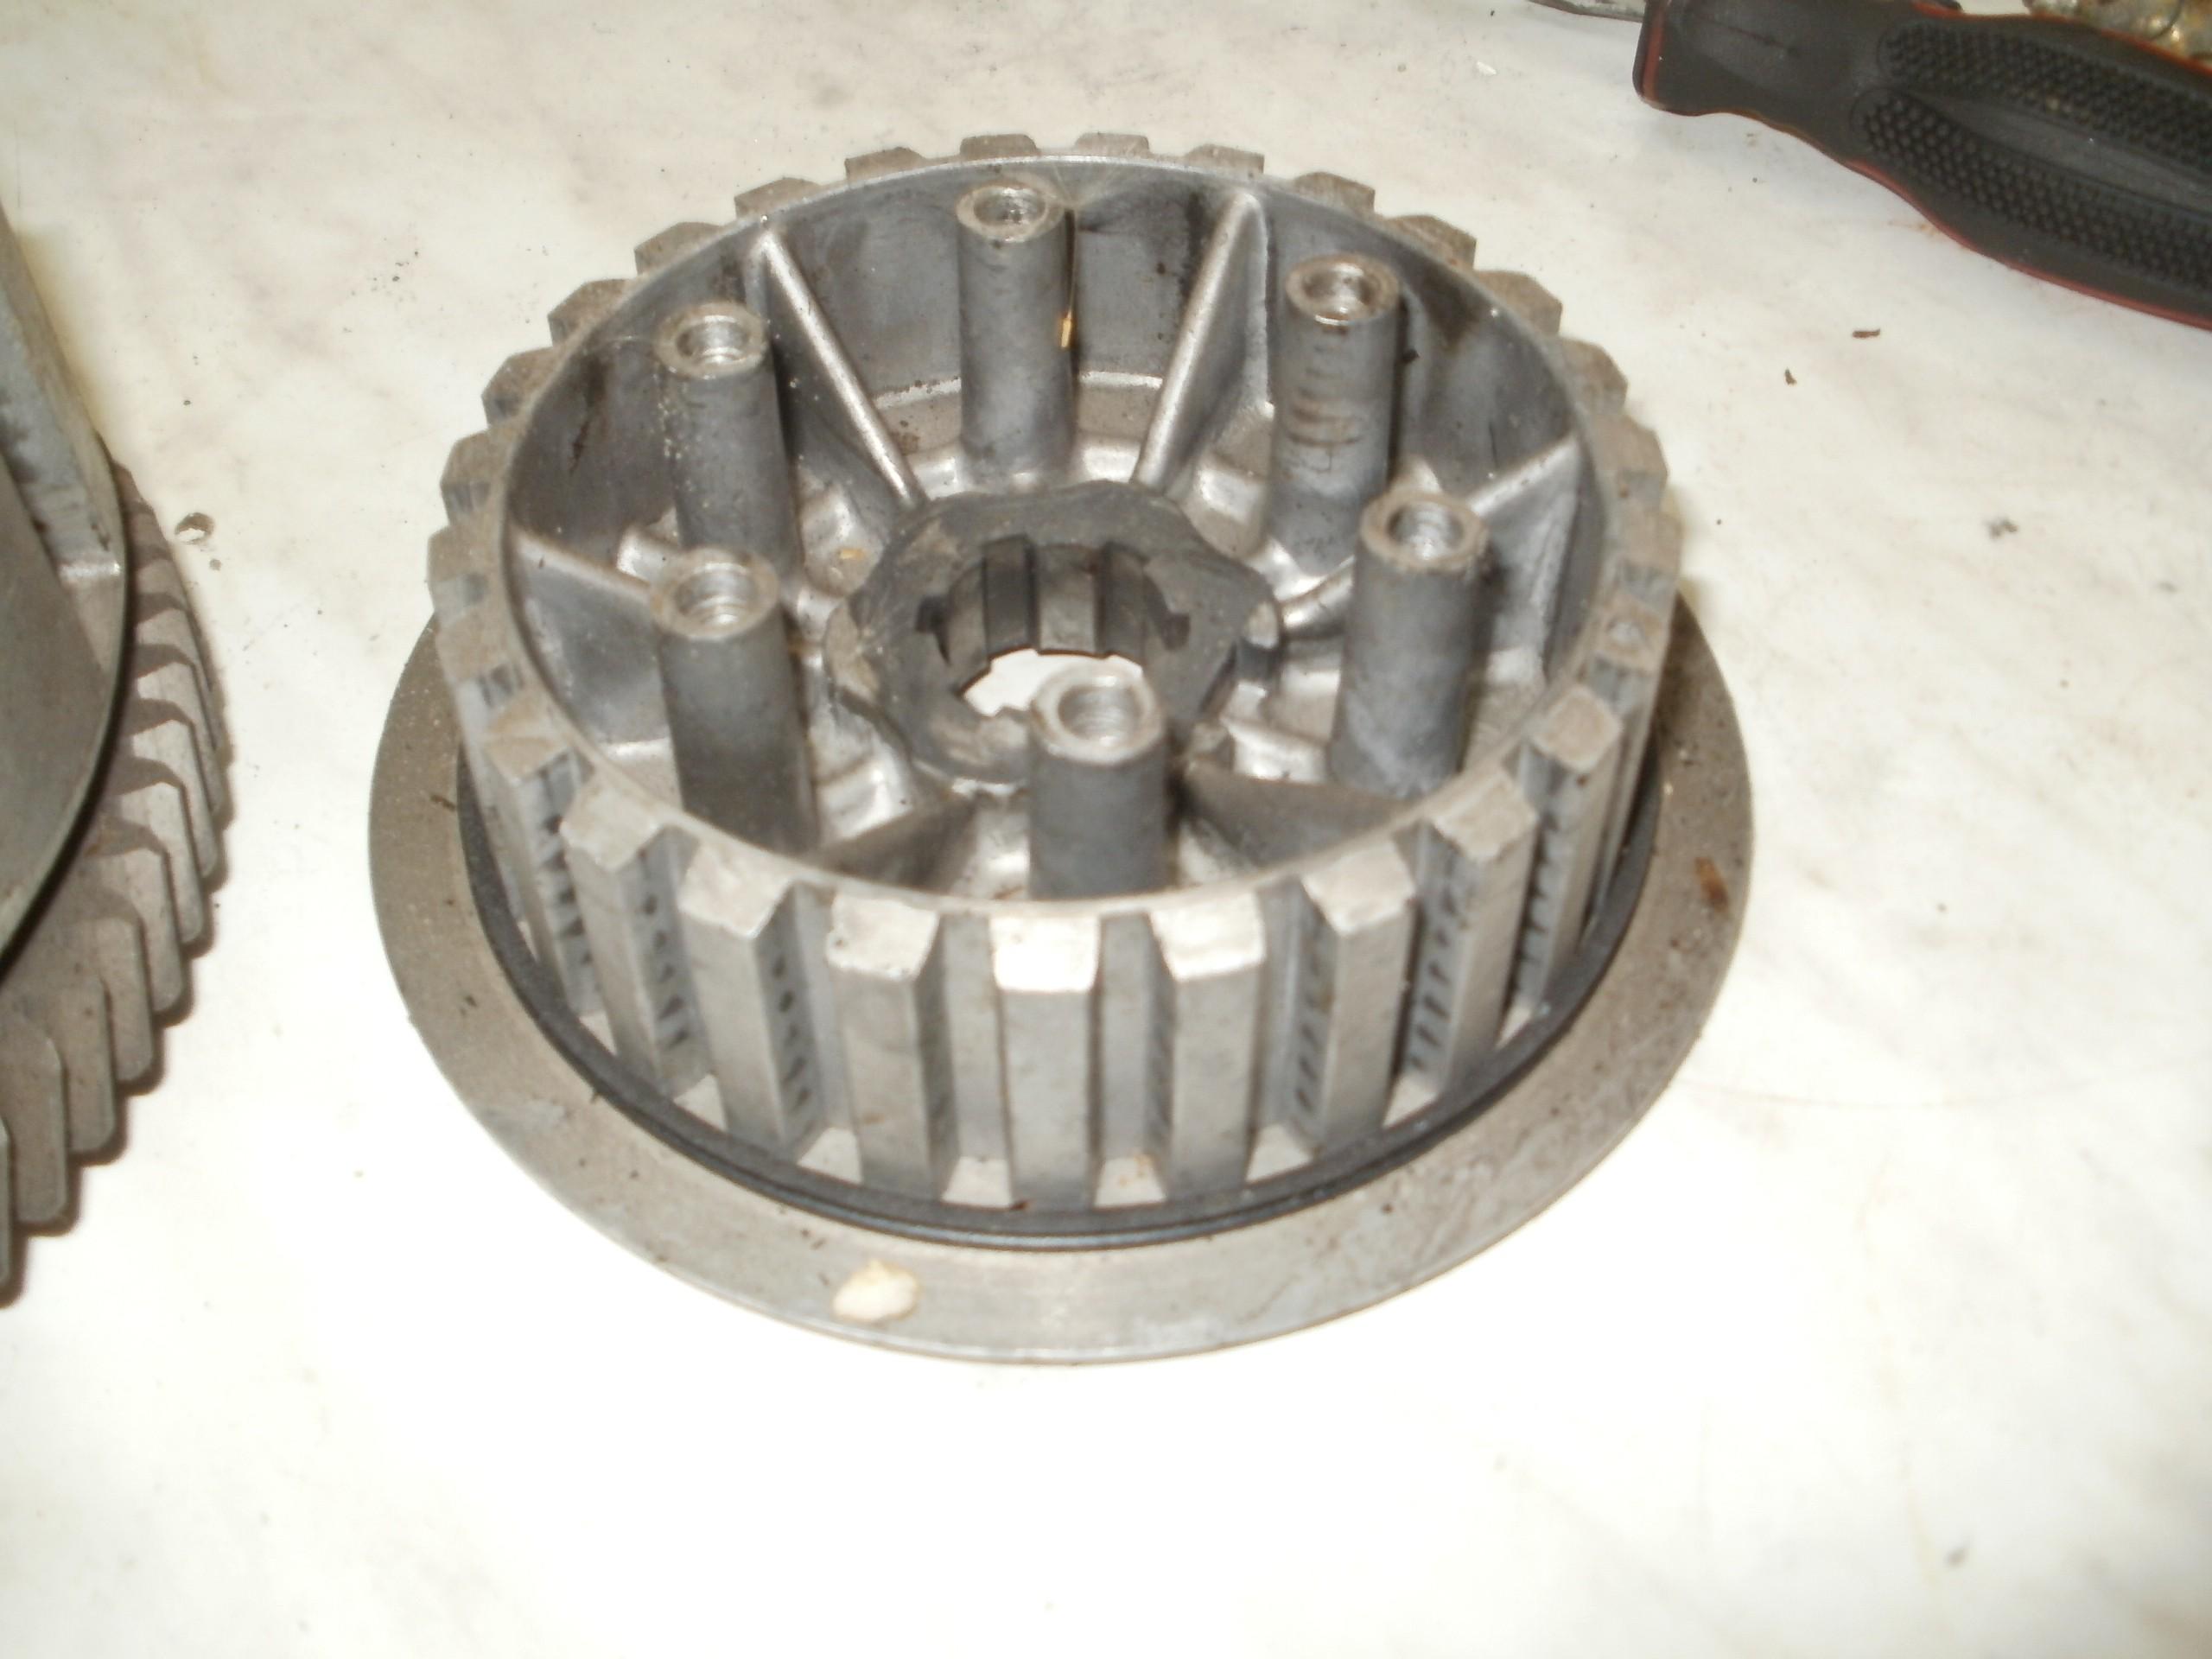 Kupplungskorb für RD 350 YPVS 1WW und 1 WX